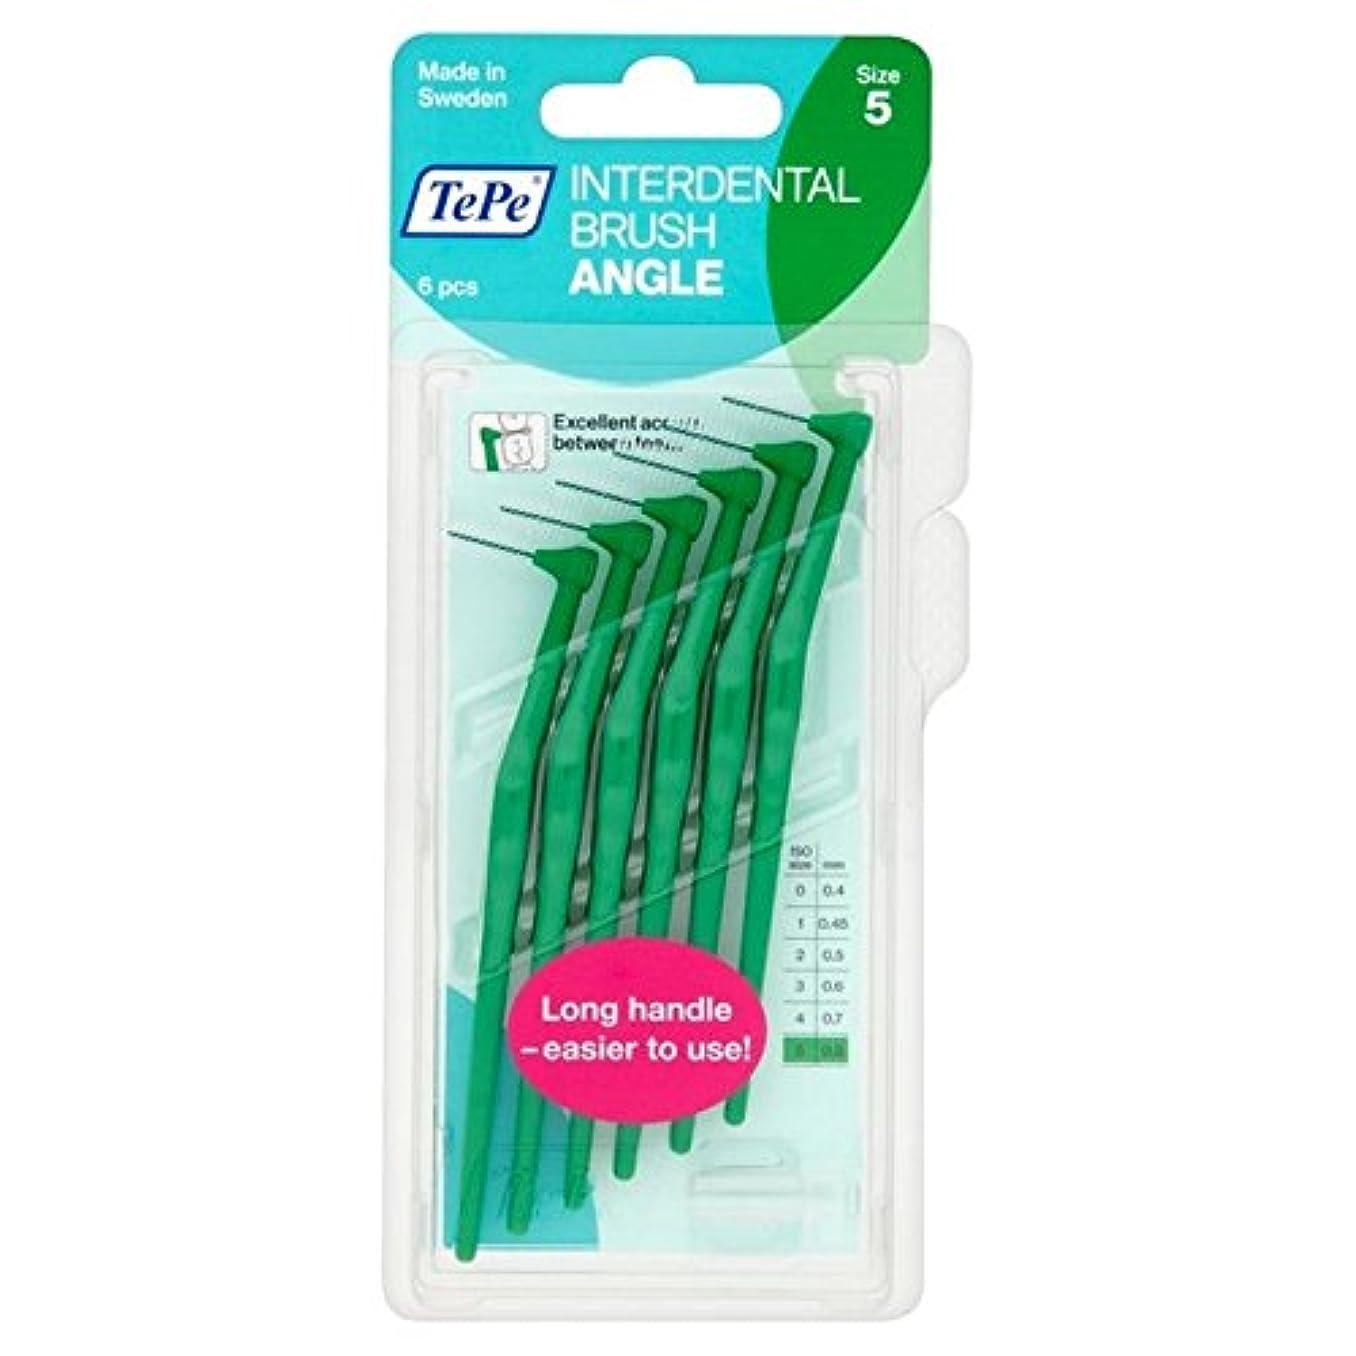 TePe Angle Green 0.8mm 6 per pack - パックあたり6 0.8ミリメートル緑テペ角度 [並行輸入品]